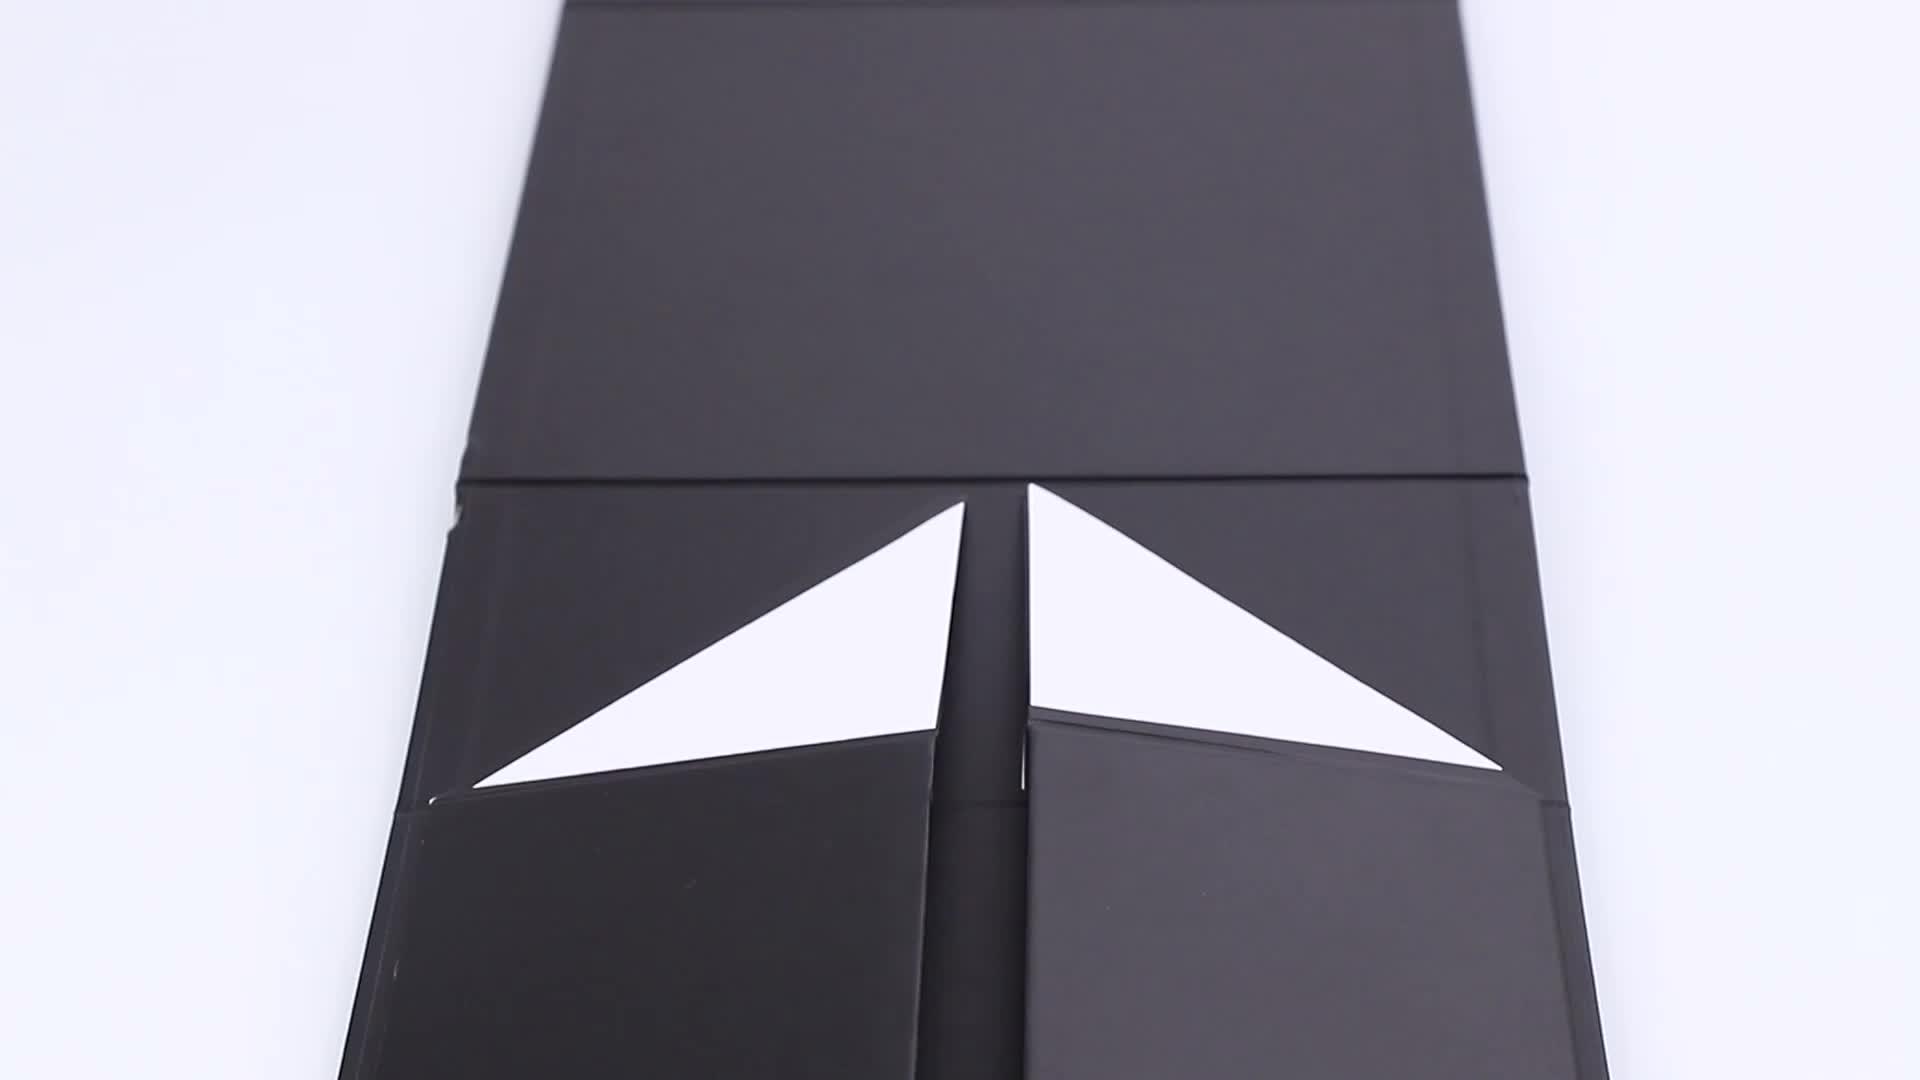 ขายส่งที่กำหนดเองพิมพ์หรูหรากระดาษแข็งสีขาวพับบรรจุของขวัญปิดแม่เหล็กกล่องกระดาษของขวัญ